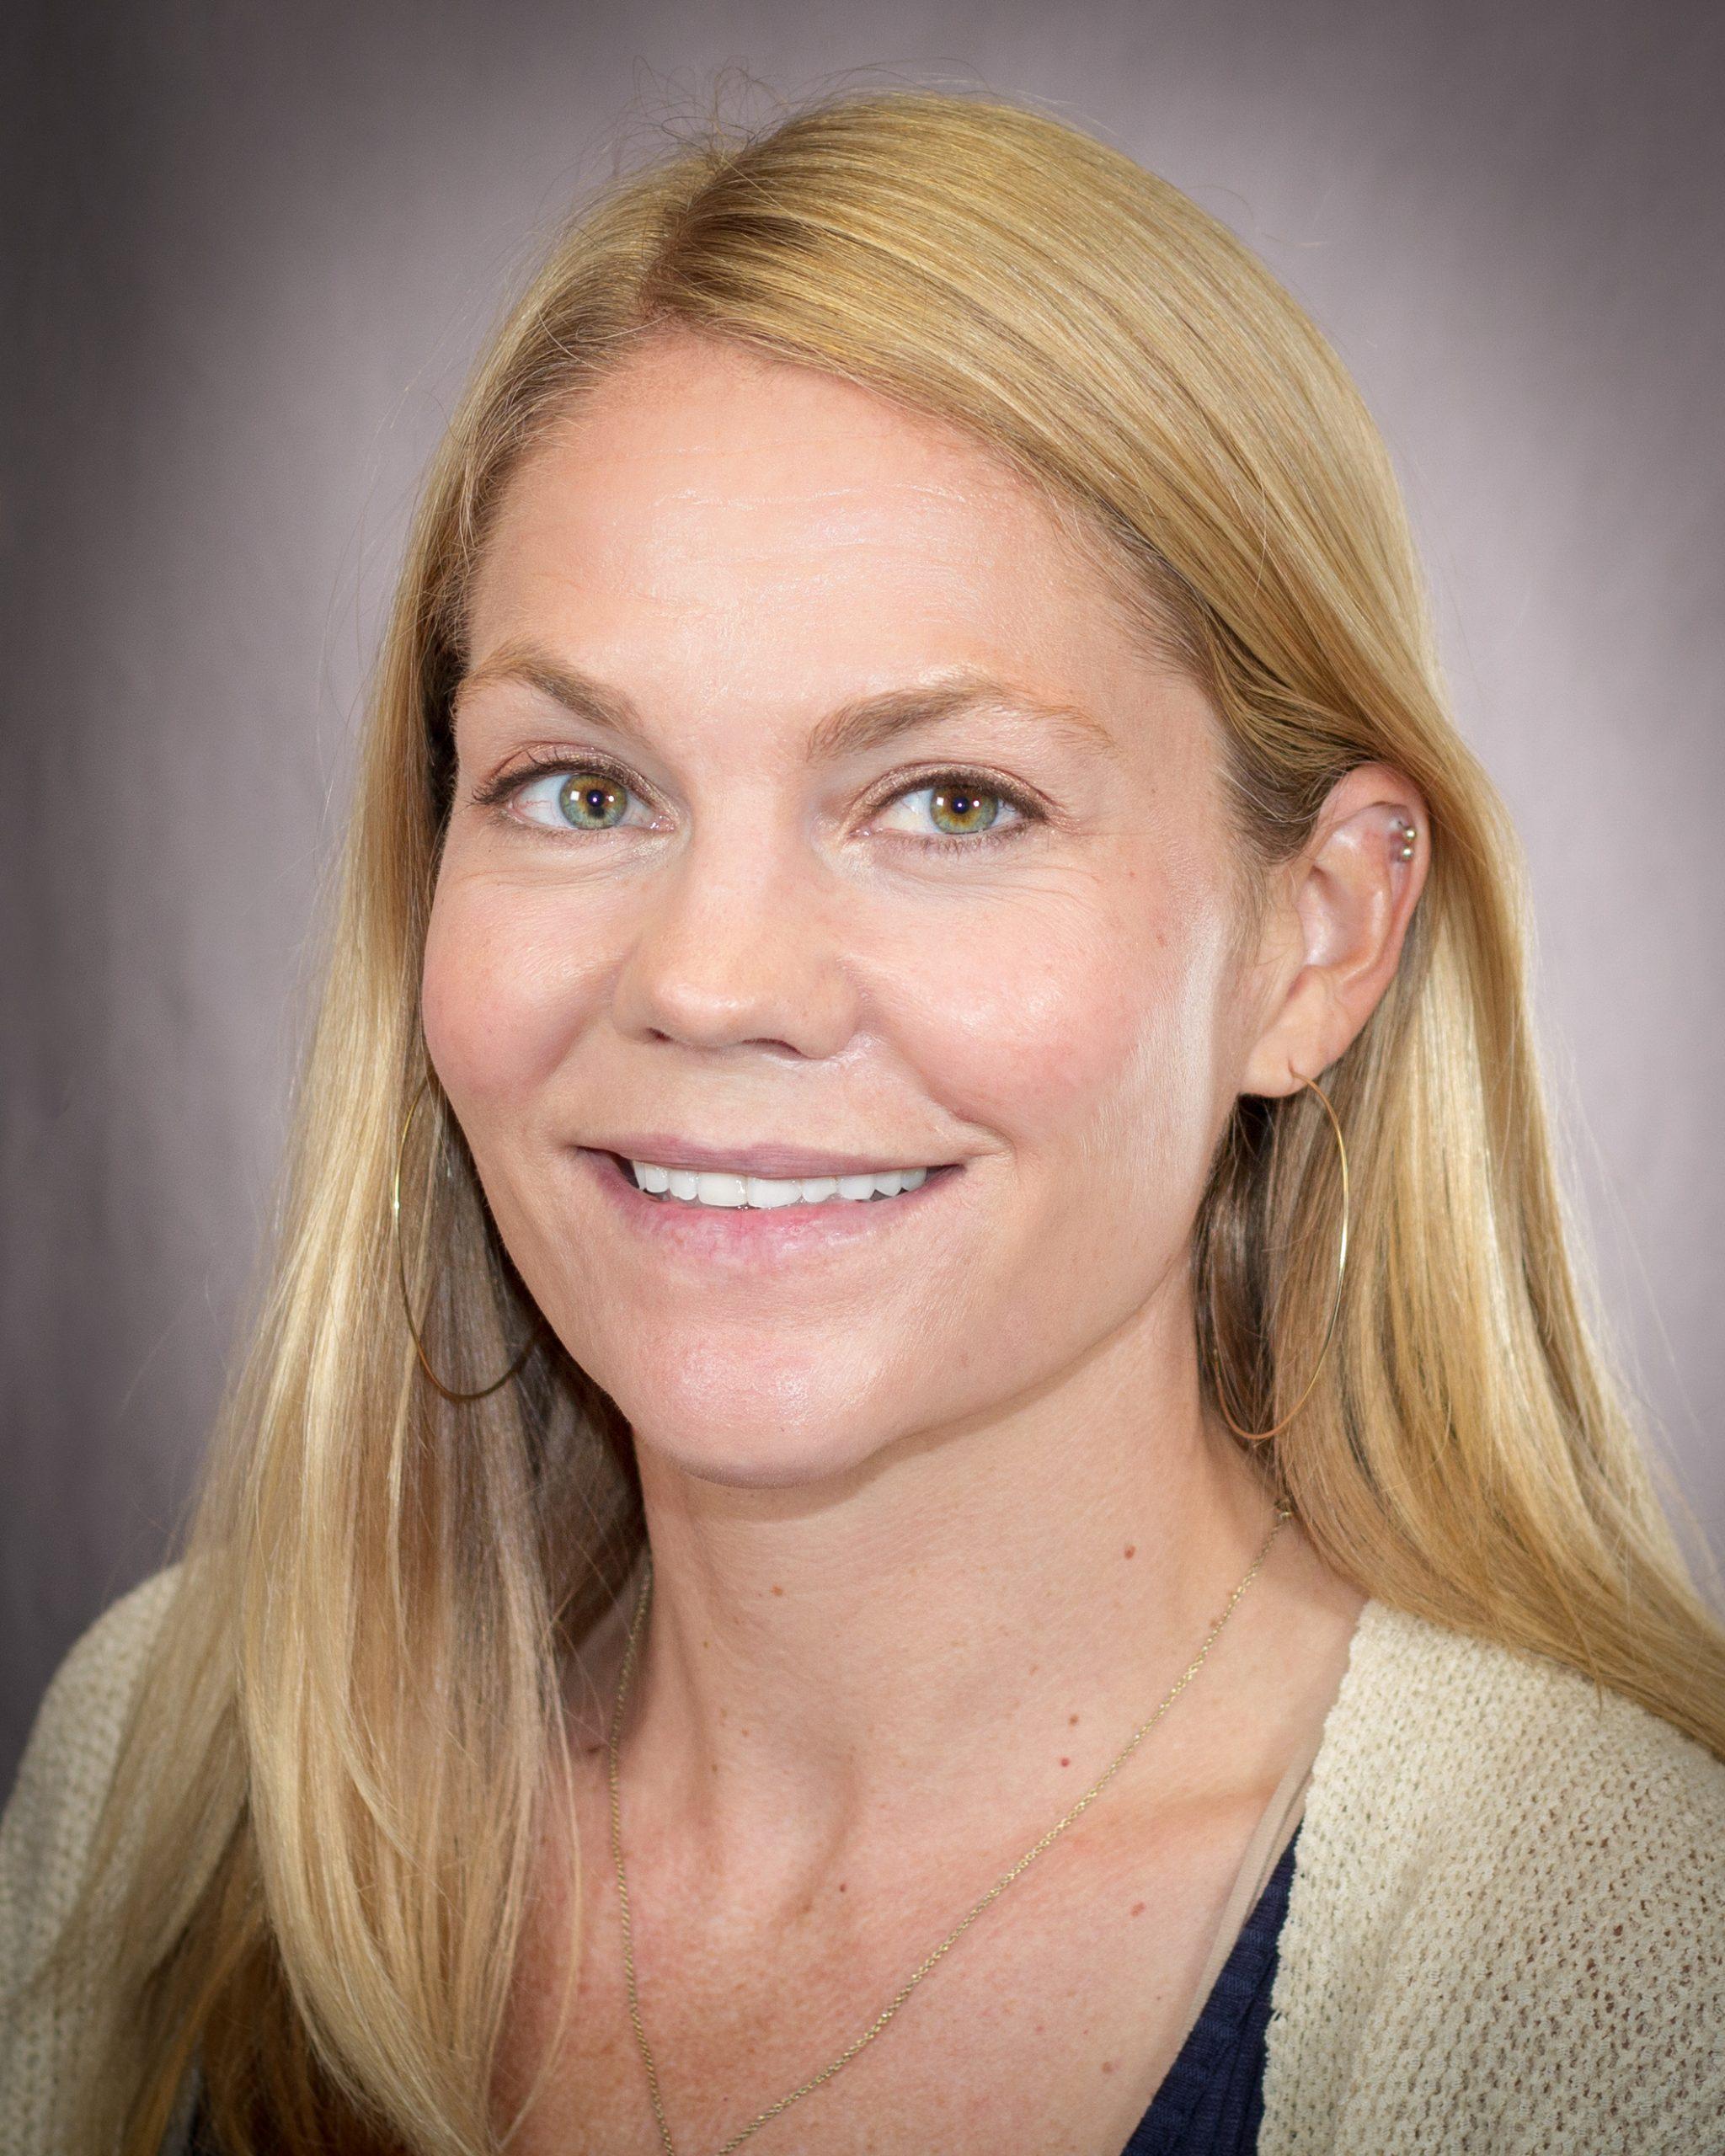 Dr. Elizabeth Hittinger Smiling